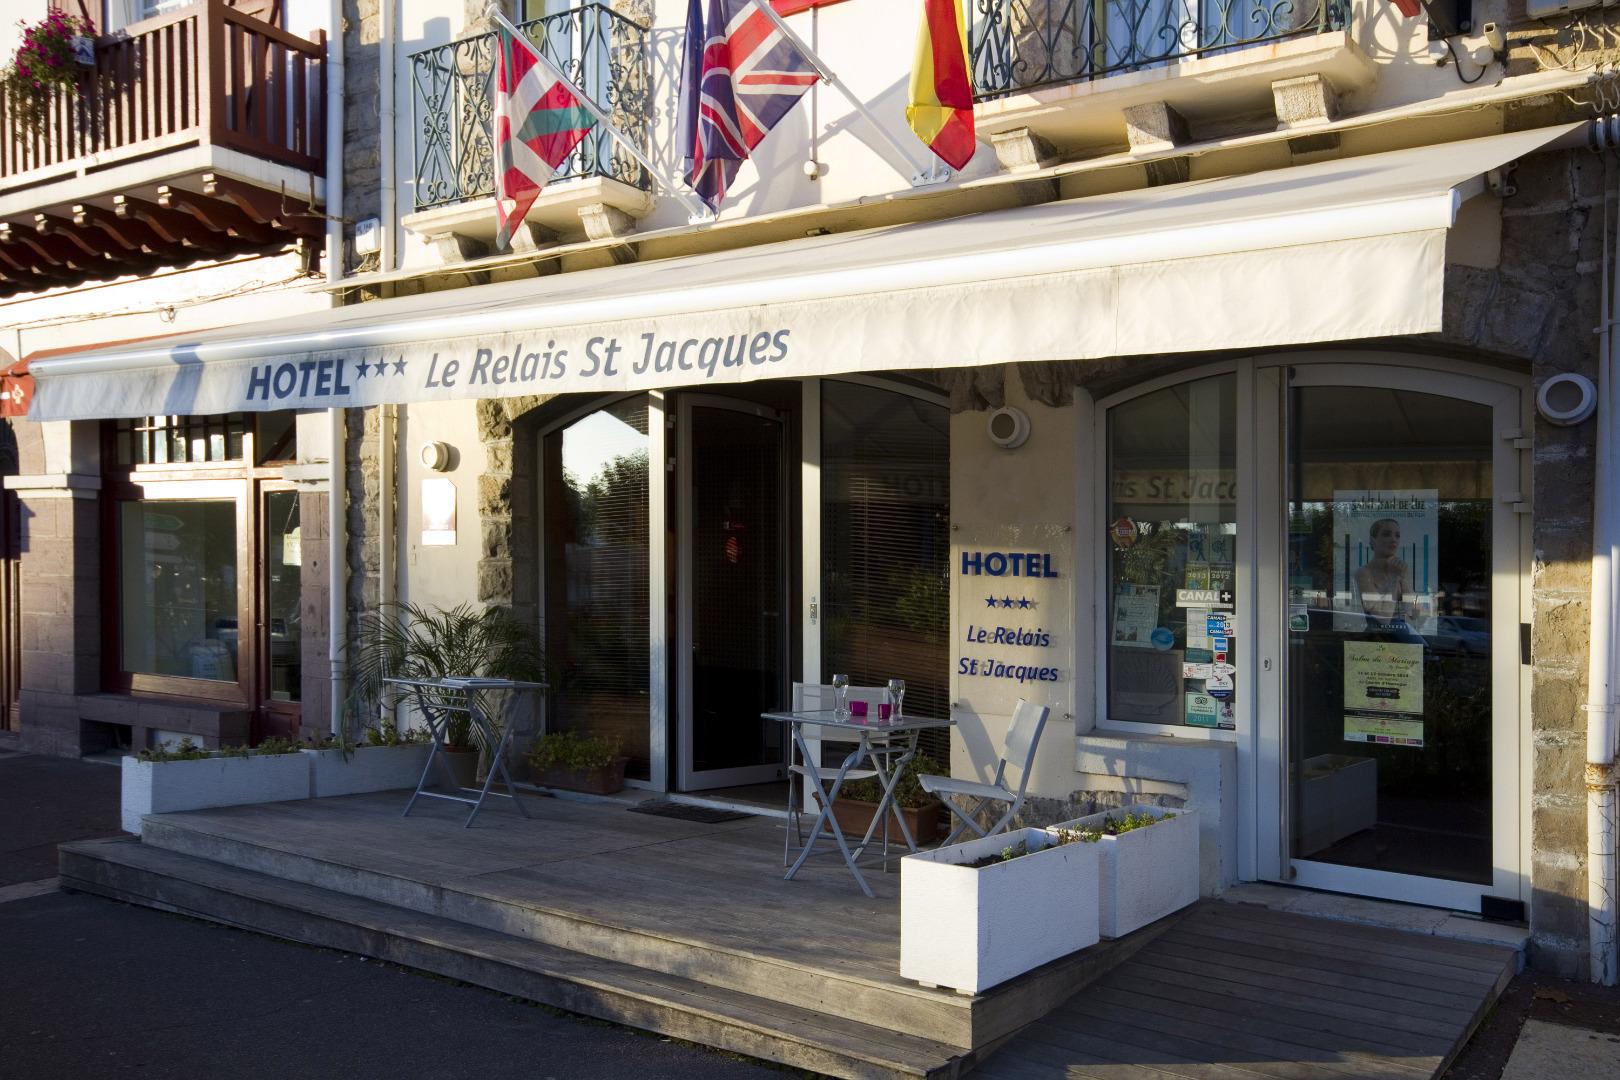 Le Relais St Jacques Hotel